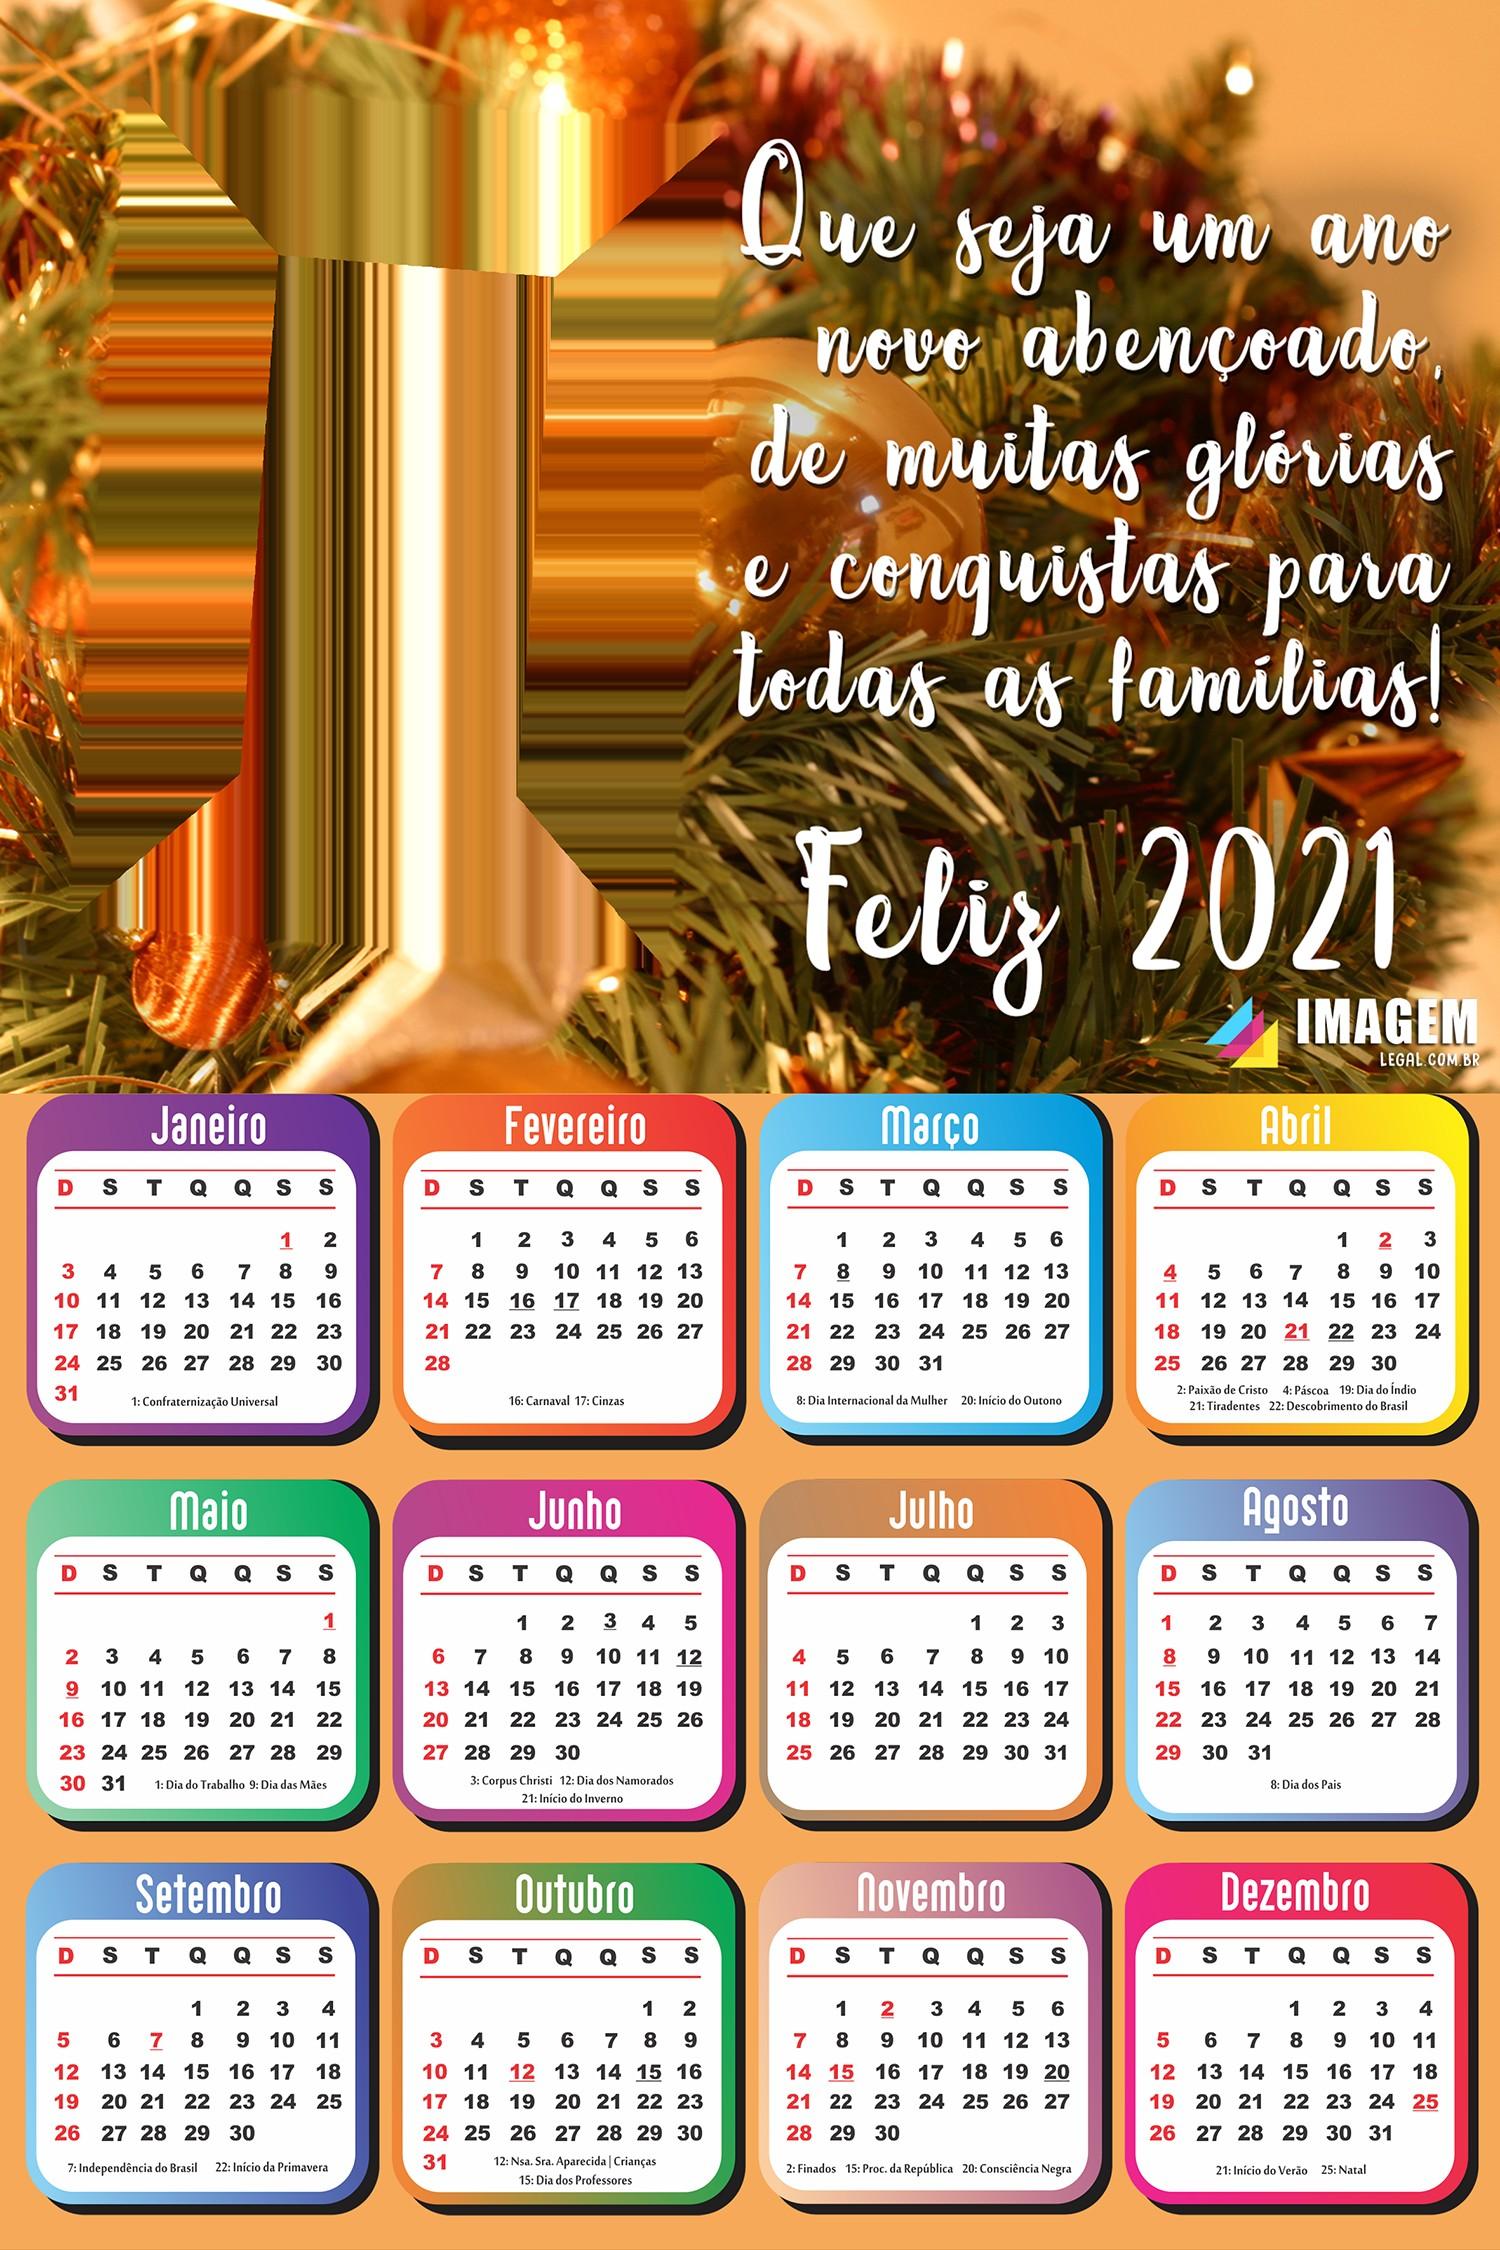 calendario 2021 um ano novo abencoado moldura png